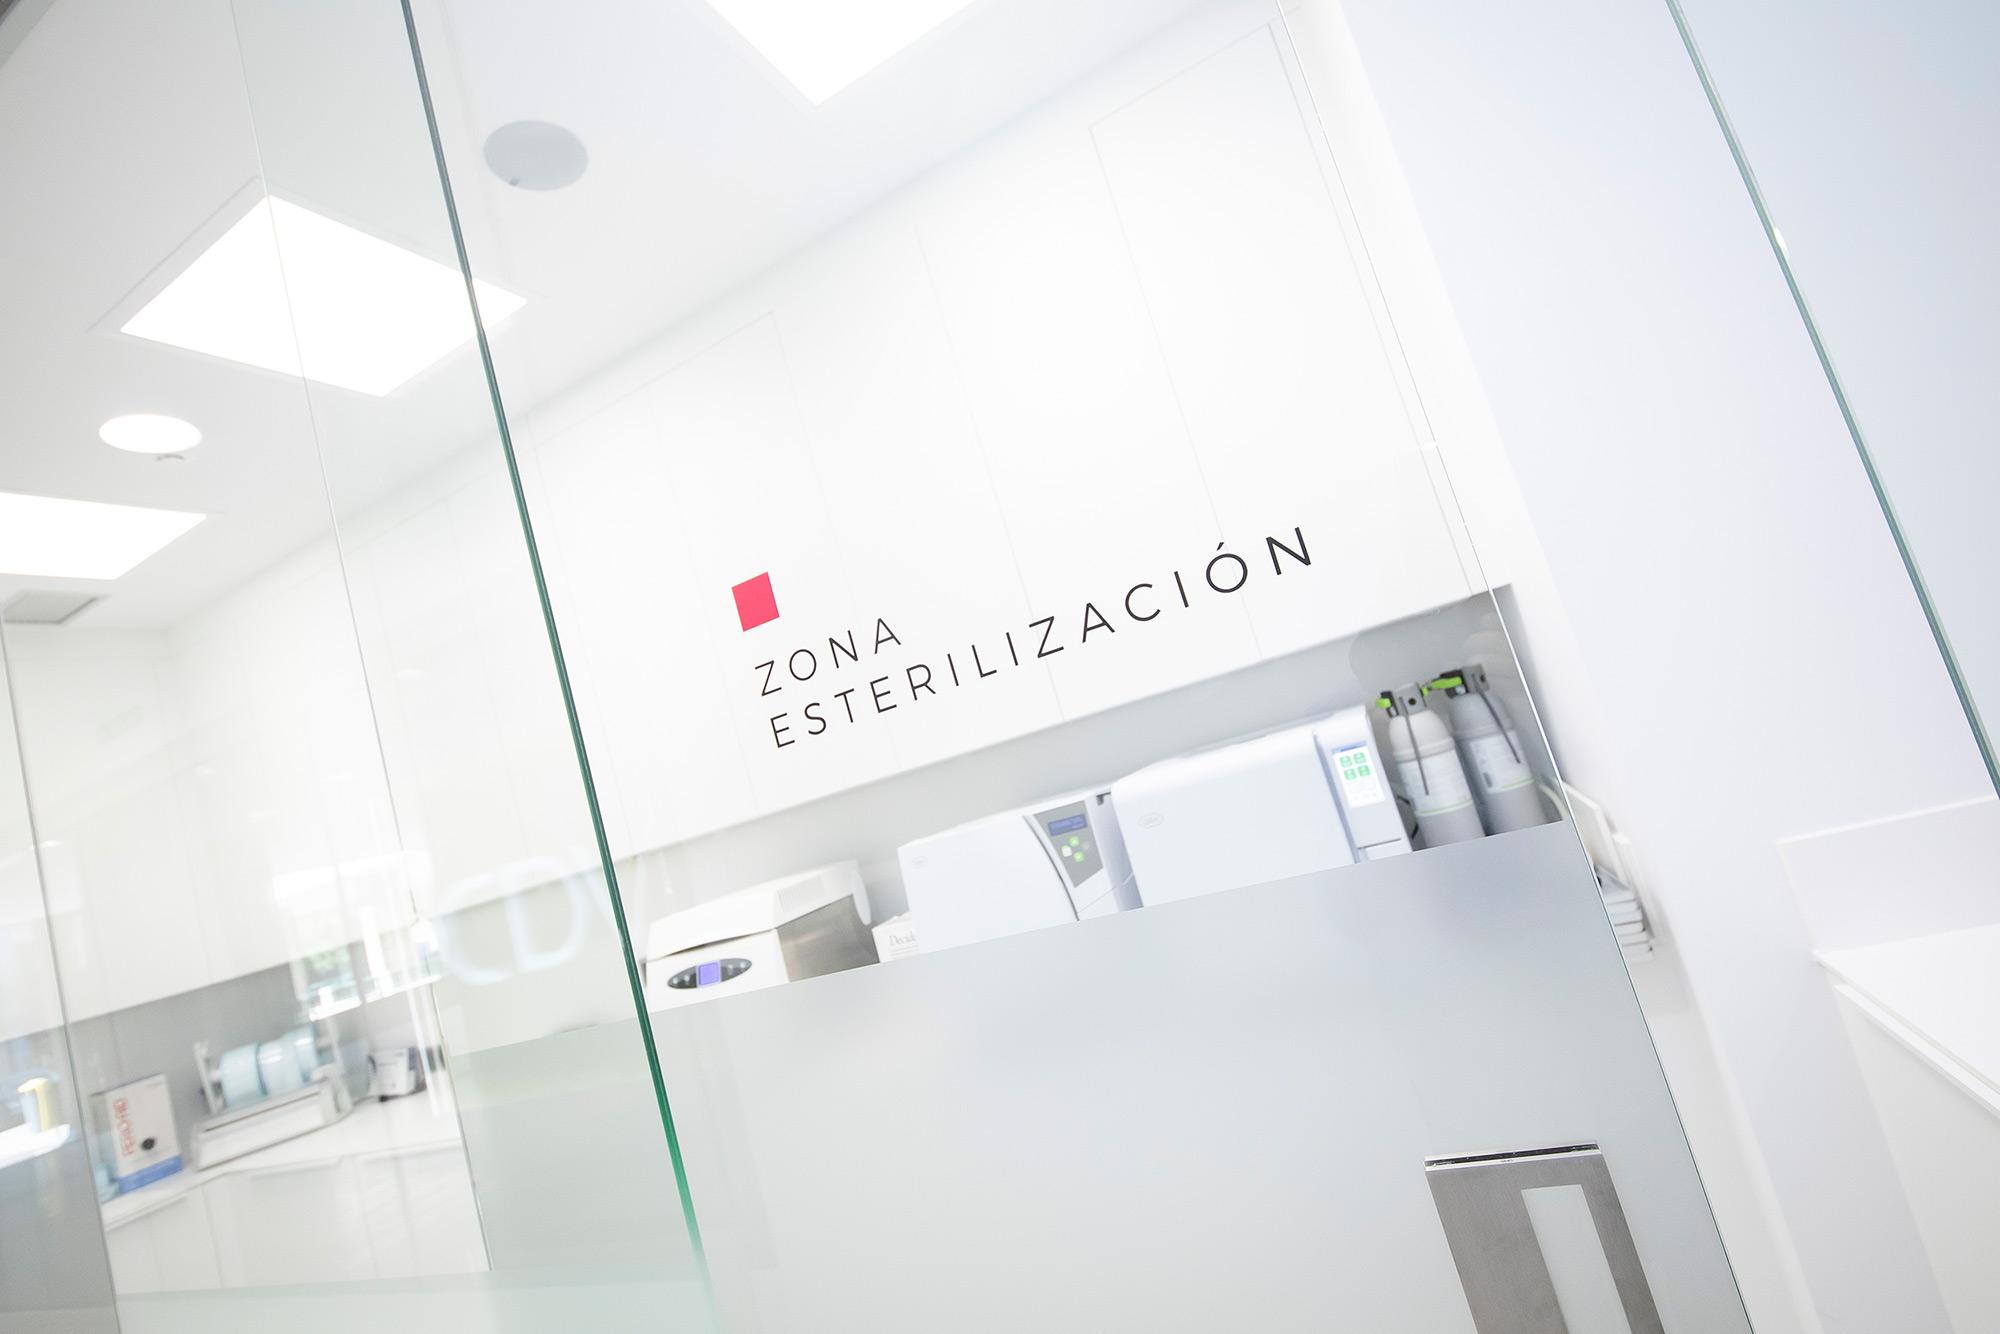 Zona de esterilización de la Clínica Dental Villava